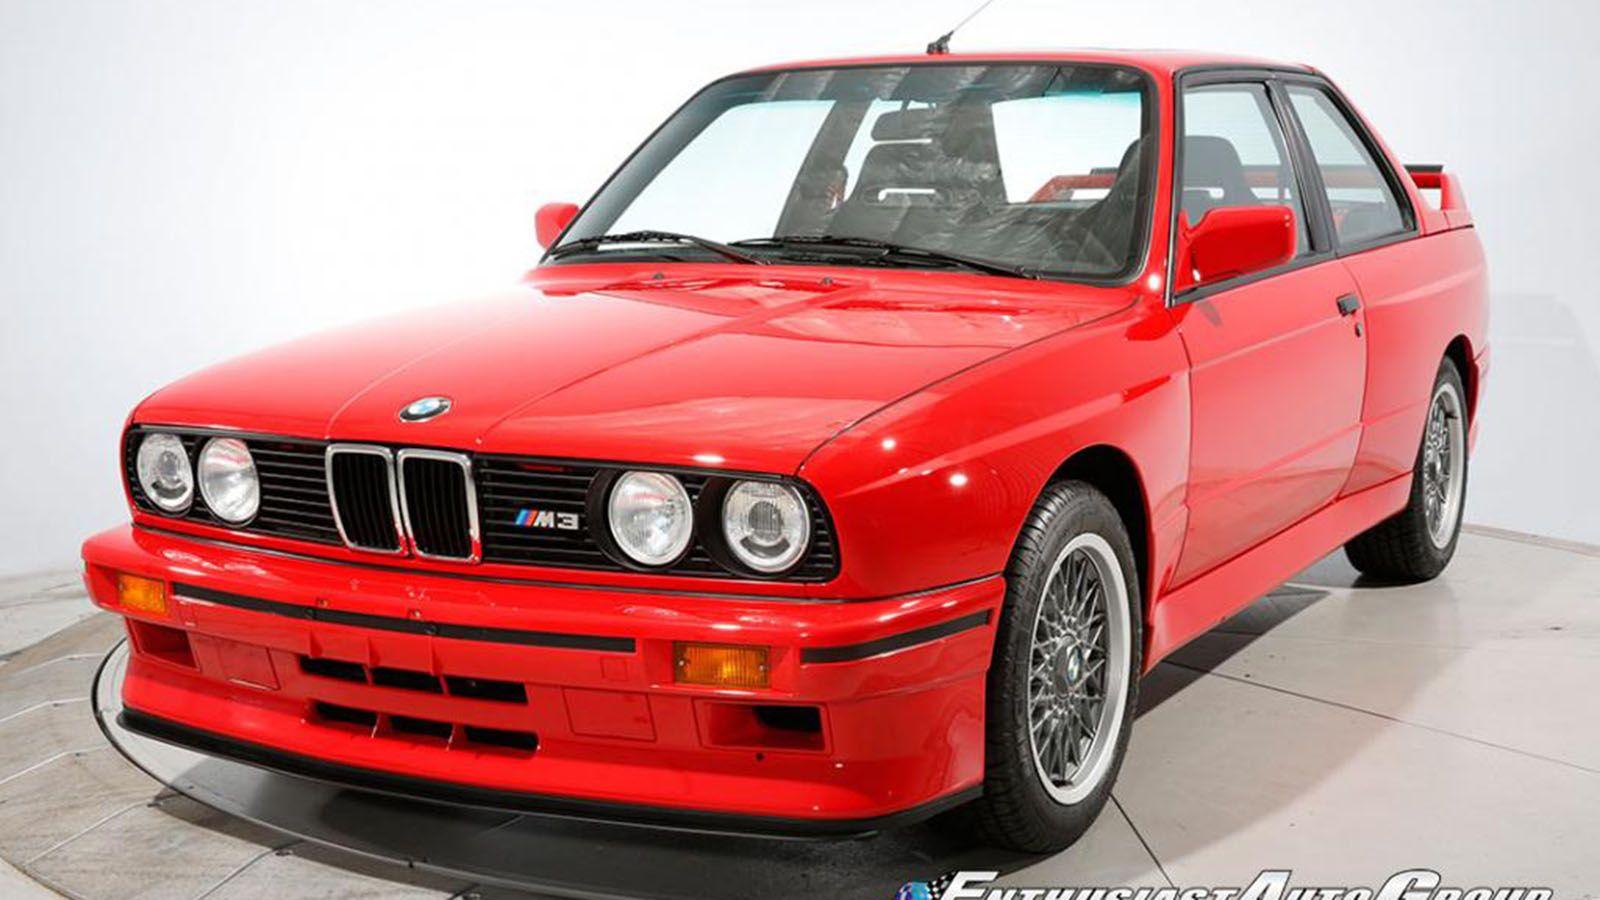 Jetta Vs Passat >> 1990 BMW M3 - bmw